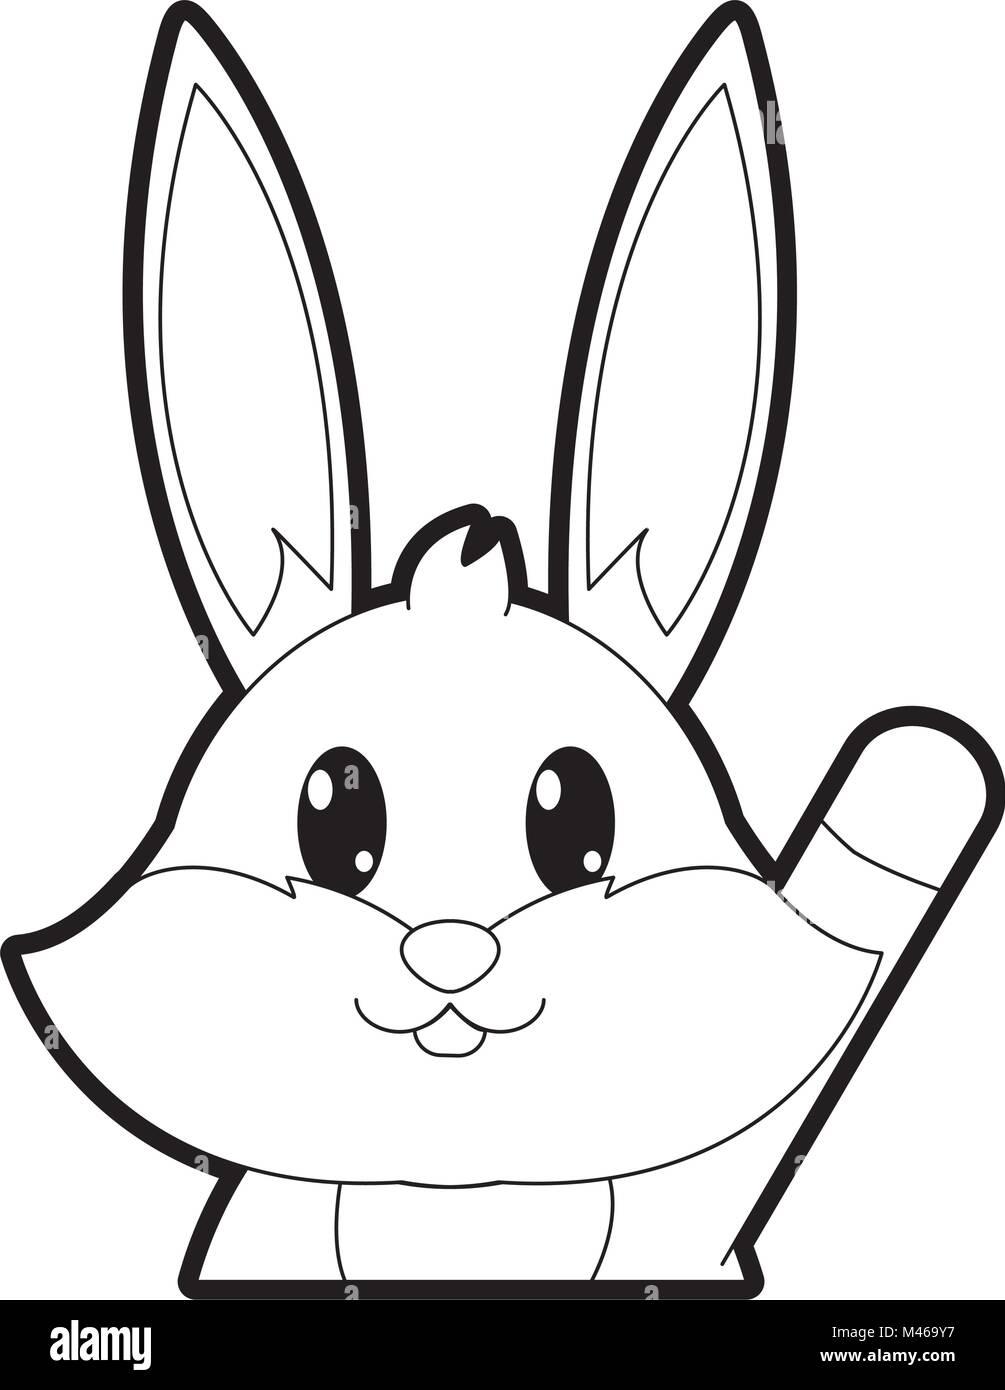 Umrisse adorable Kaninchen niedliche Tier Charakter Vektor Abbildung ...